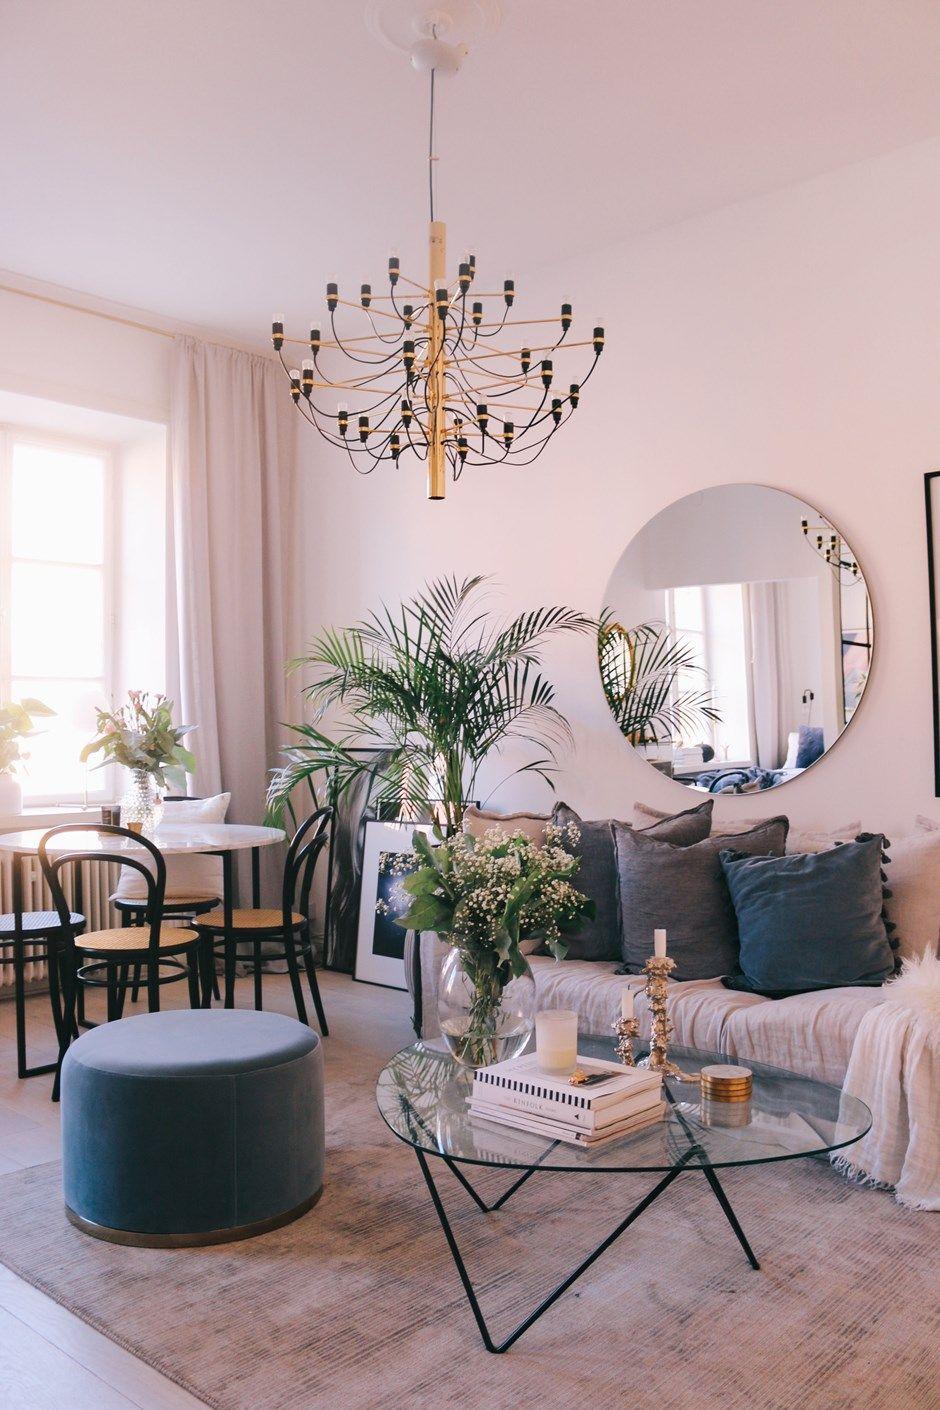 morgonljus ny inredning och gener s rabattkod joanna fingal inredning vardagsrum och. Black Bedroom Furniture Sets. Home Design Ideas